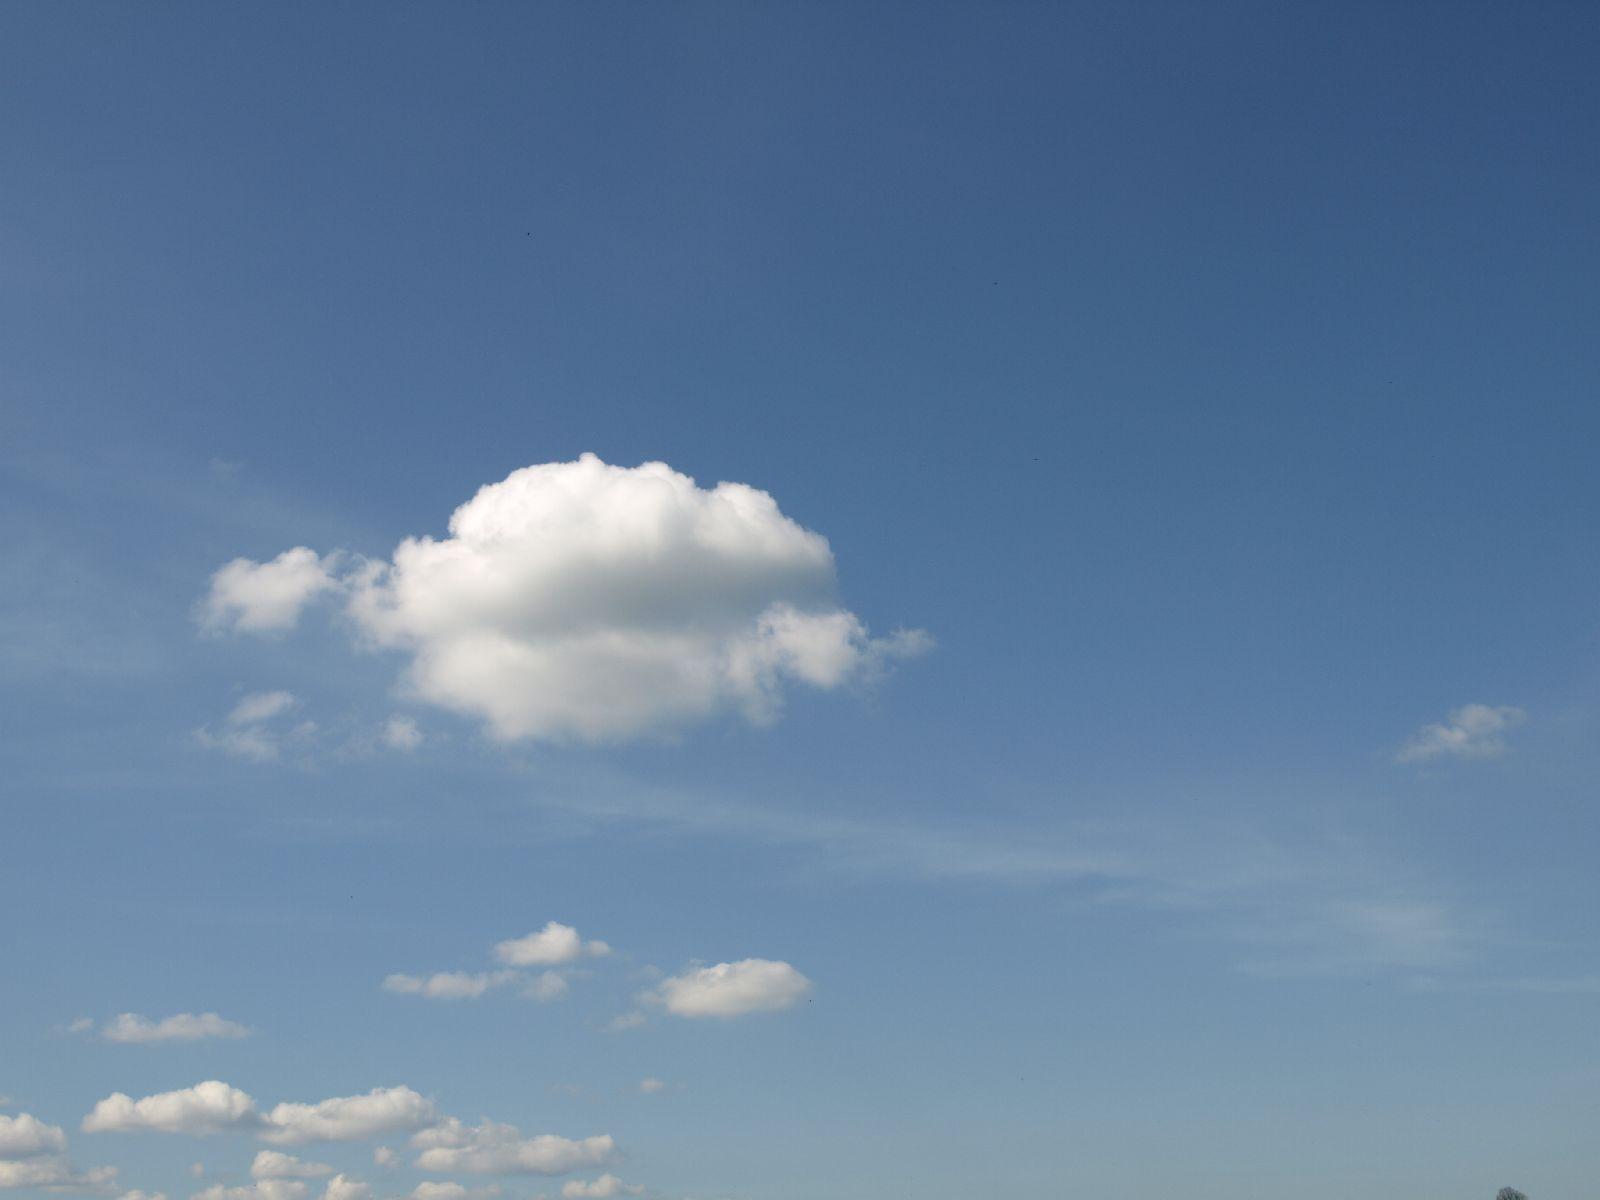 Himmel-Wolken-Foto_Textur_A_P5032332